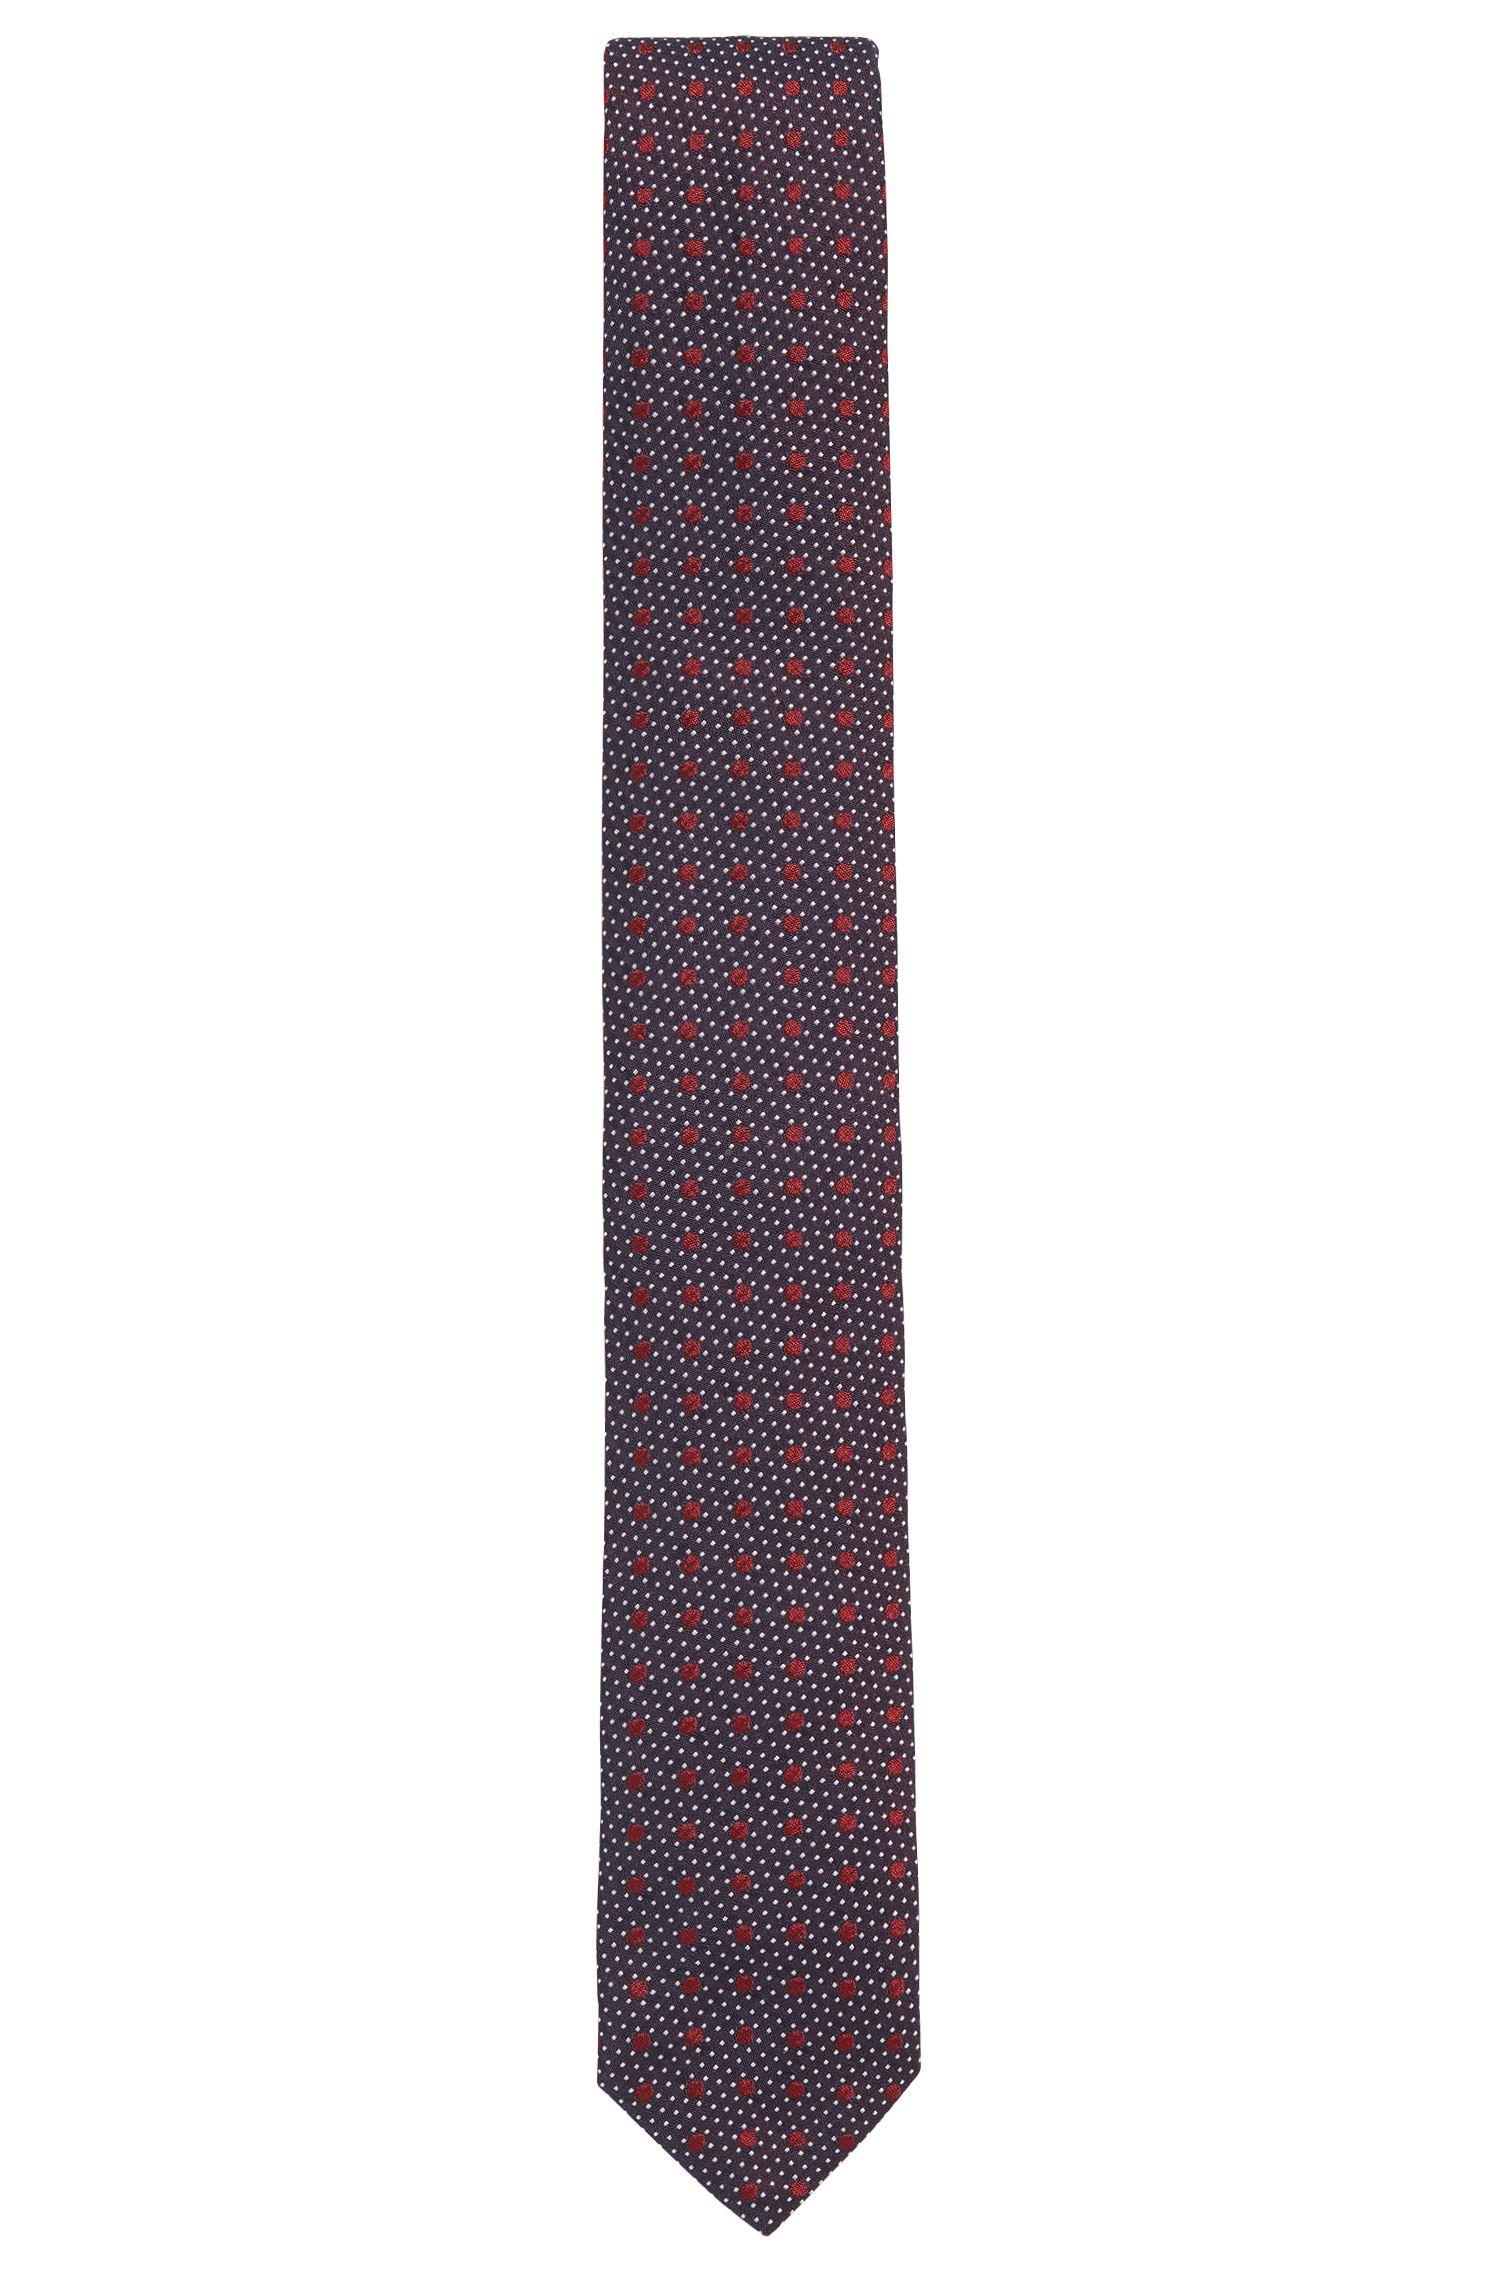 'Tie 6 cm ribbon loop' | Slim, Multi-Dot Silk Tie